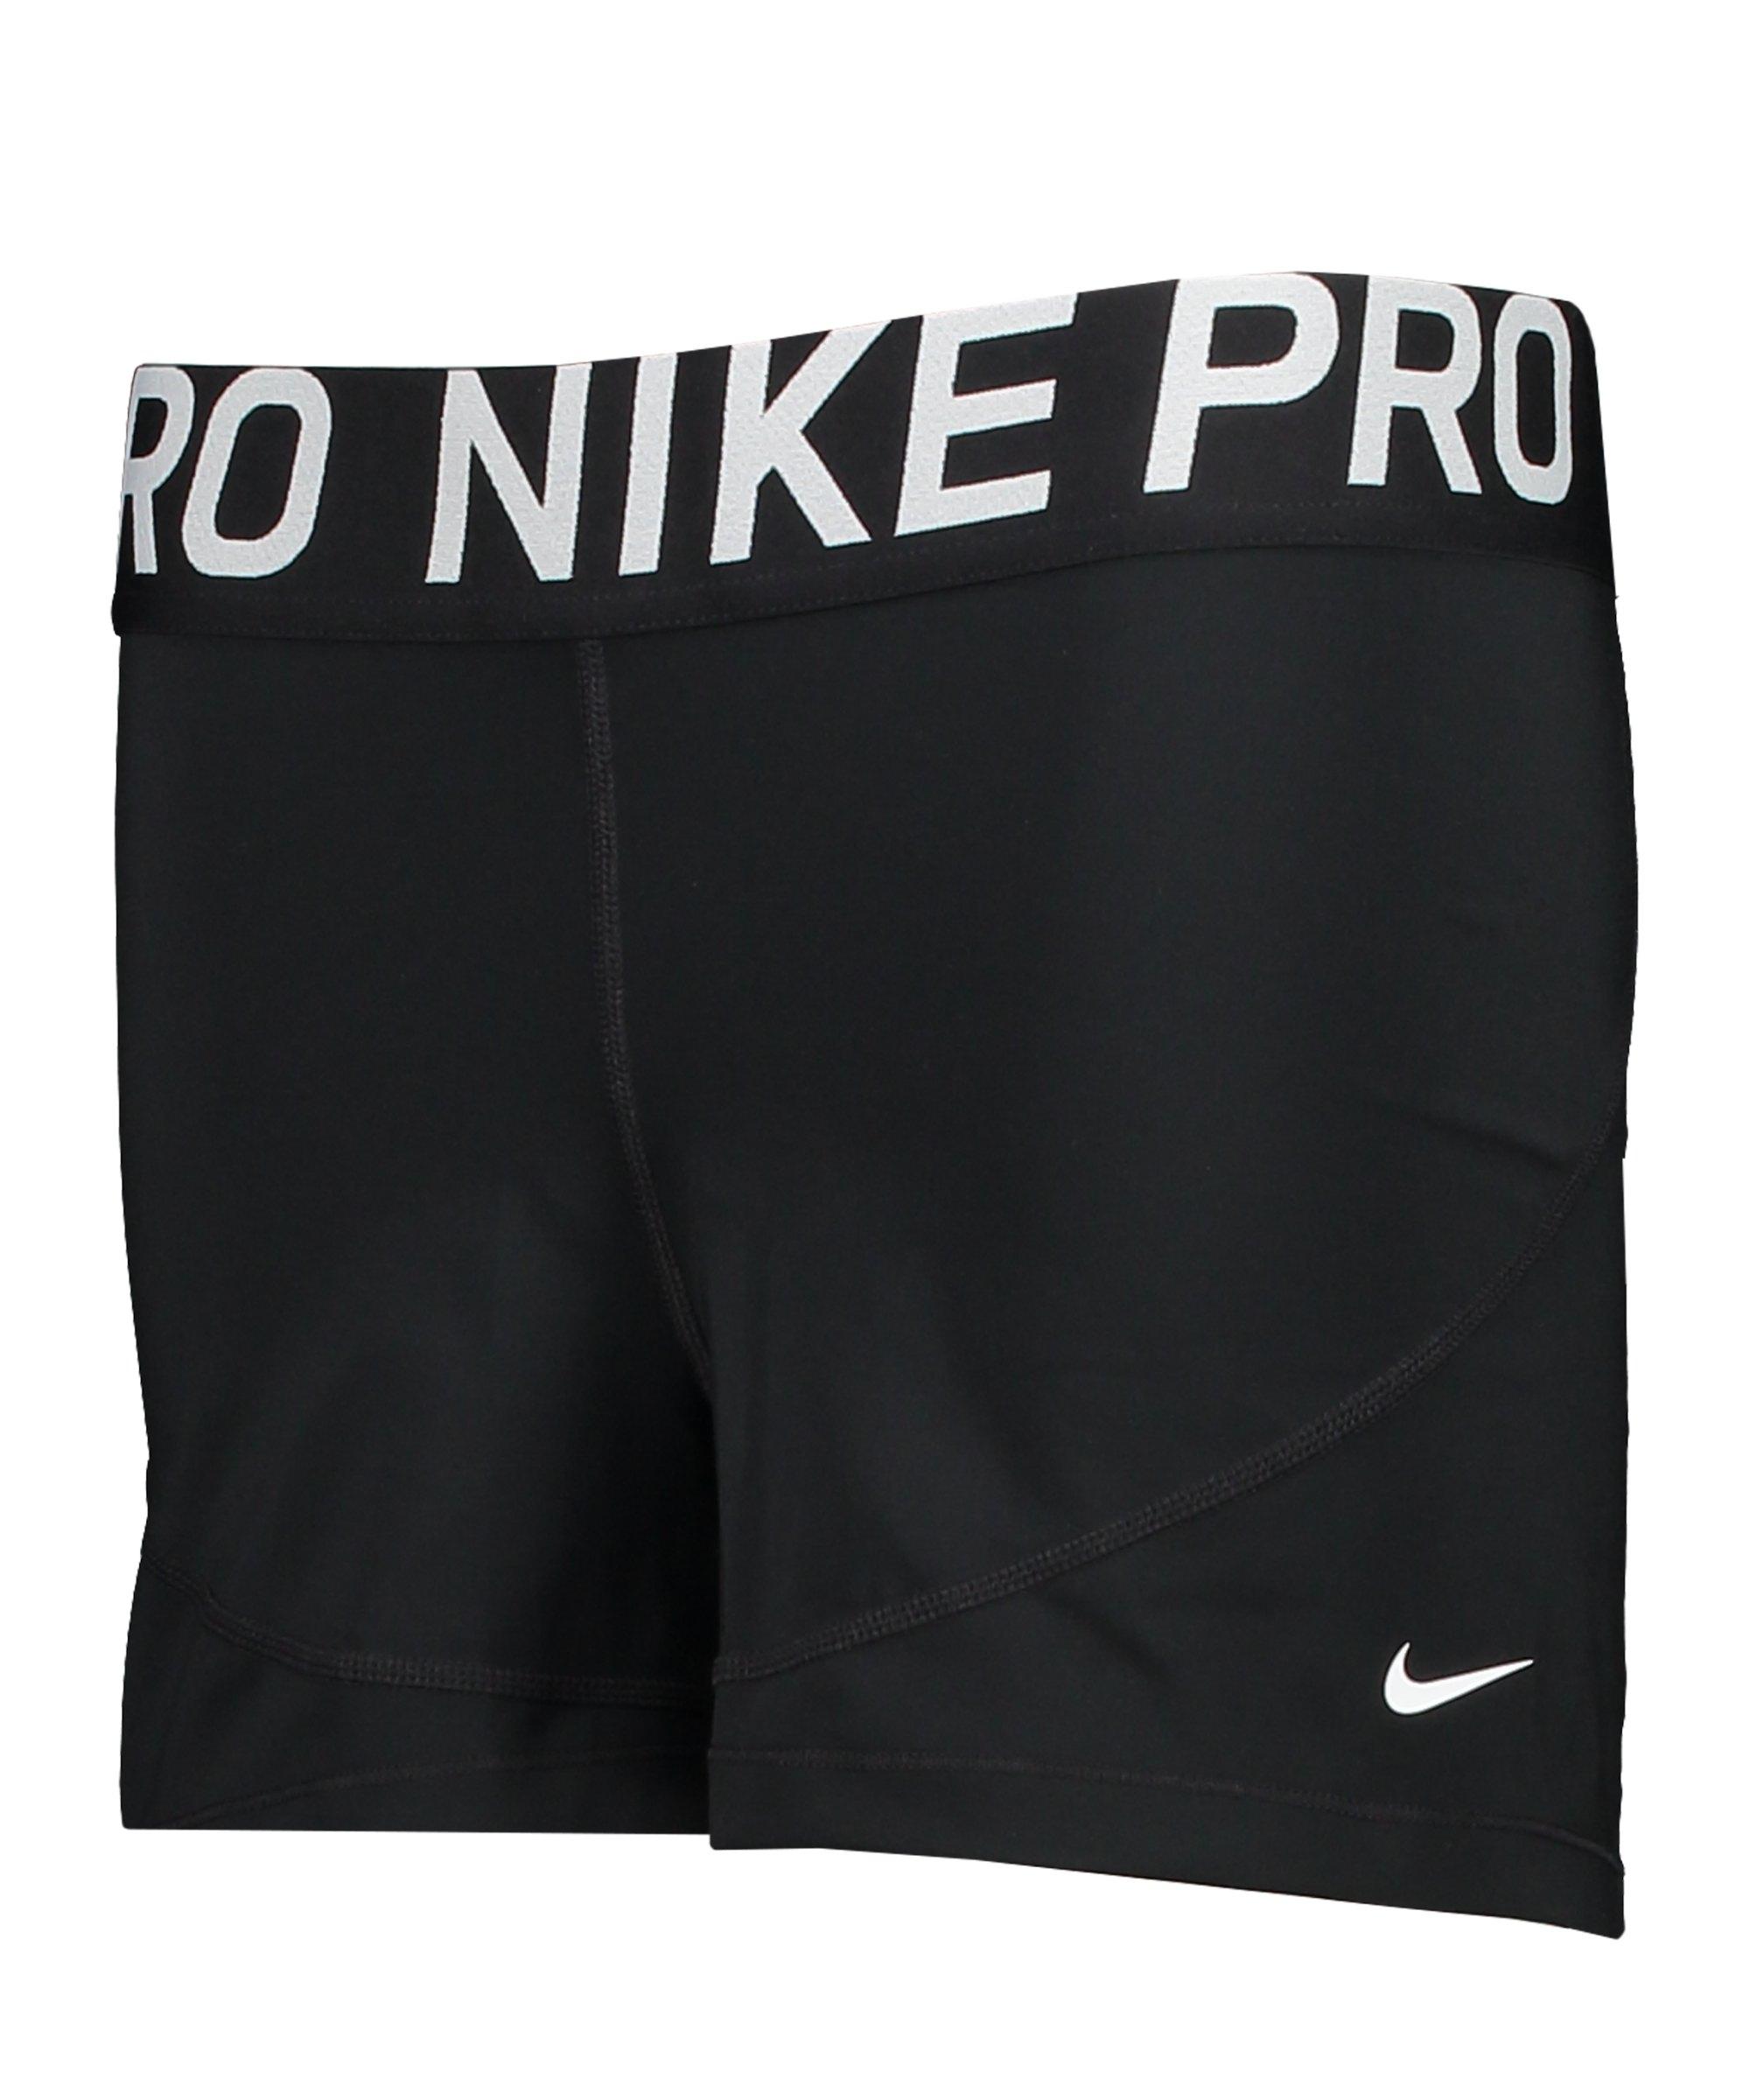 Nike Pro Short Damen Schwarz F010 - schwarz